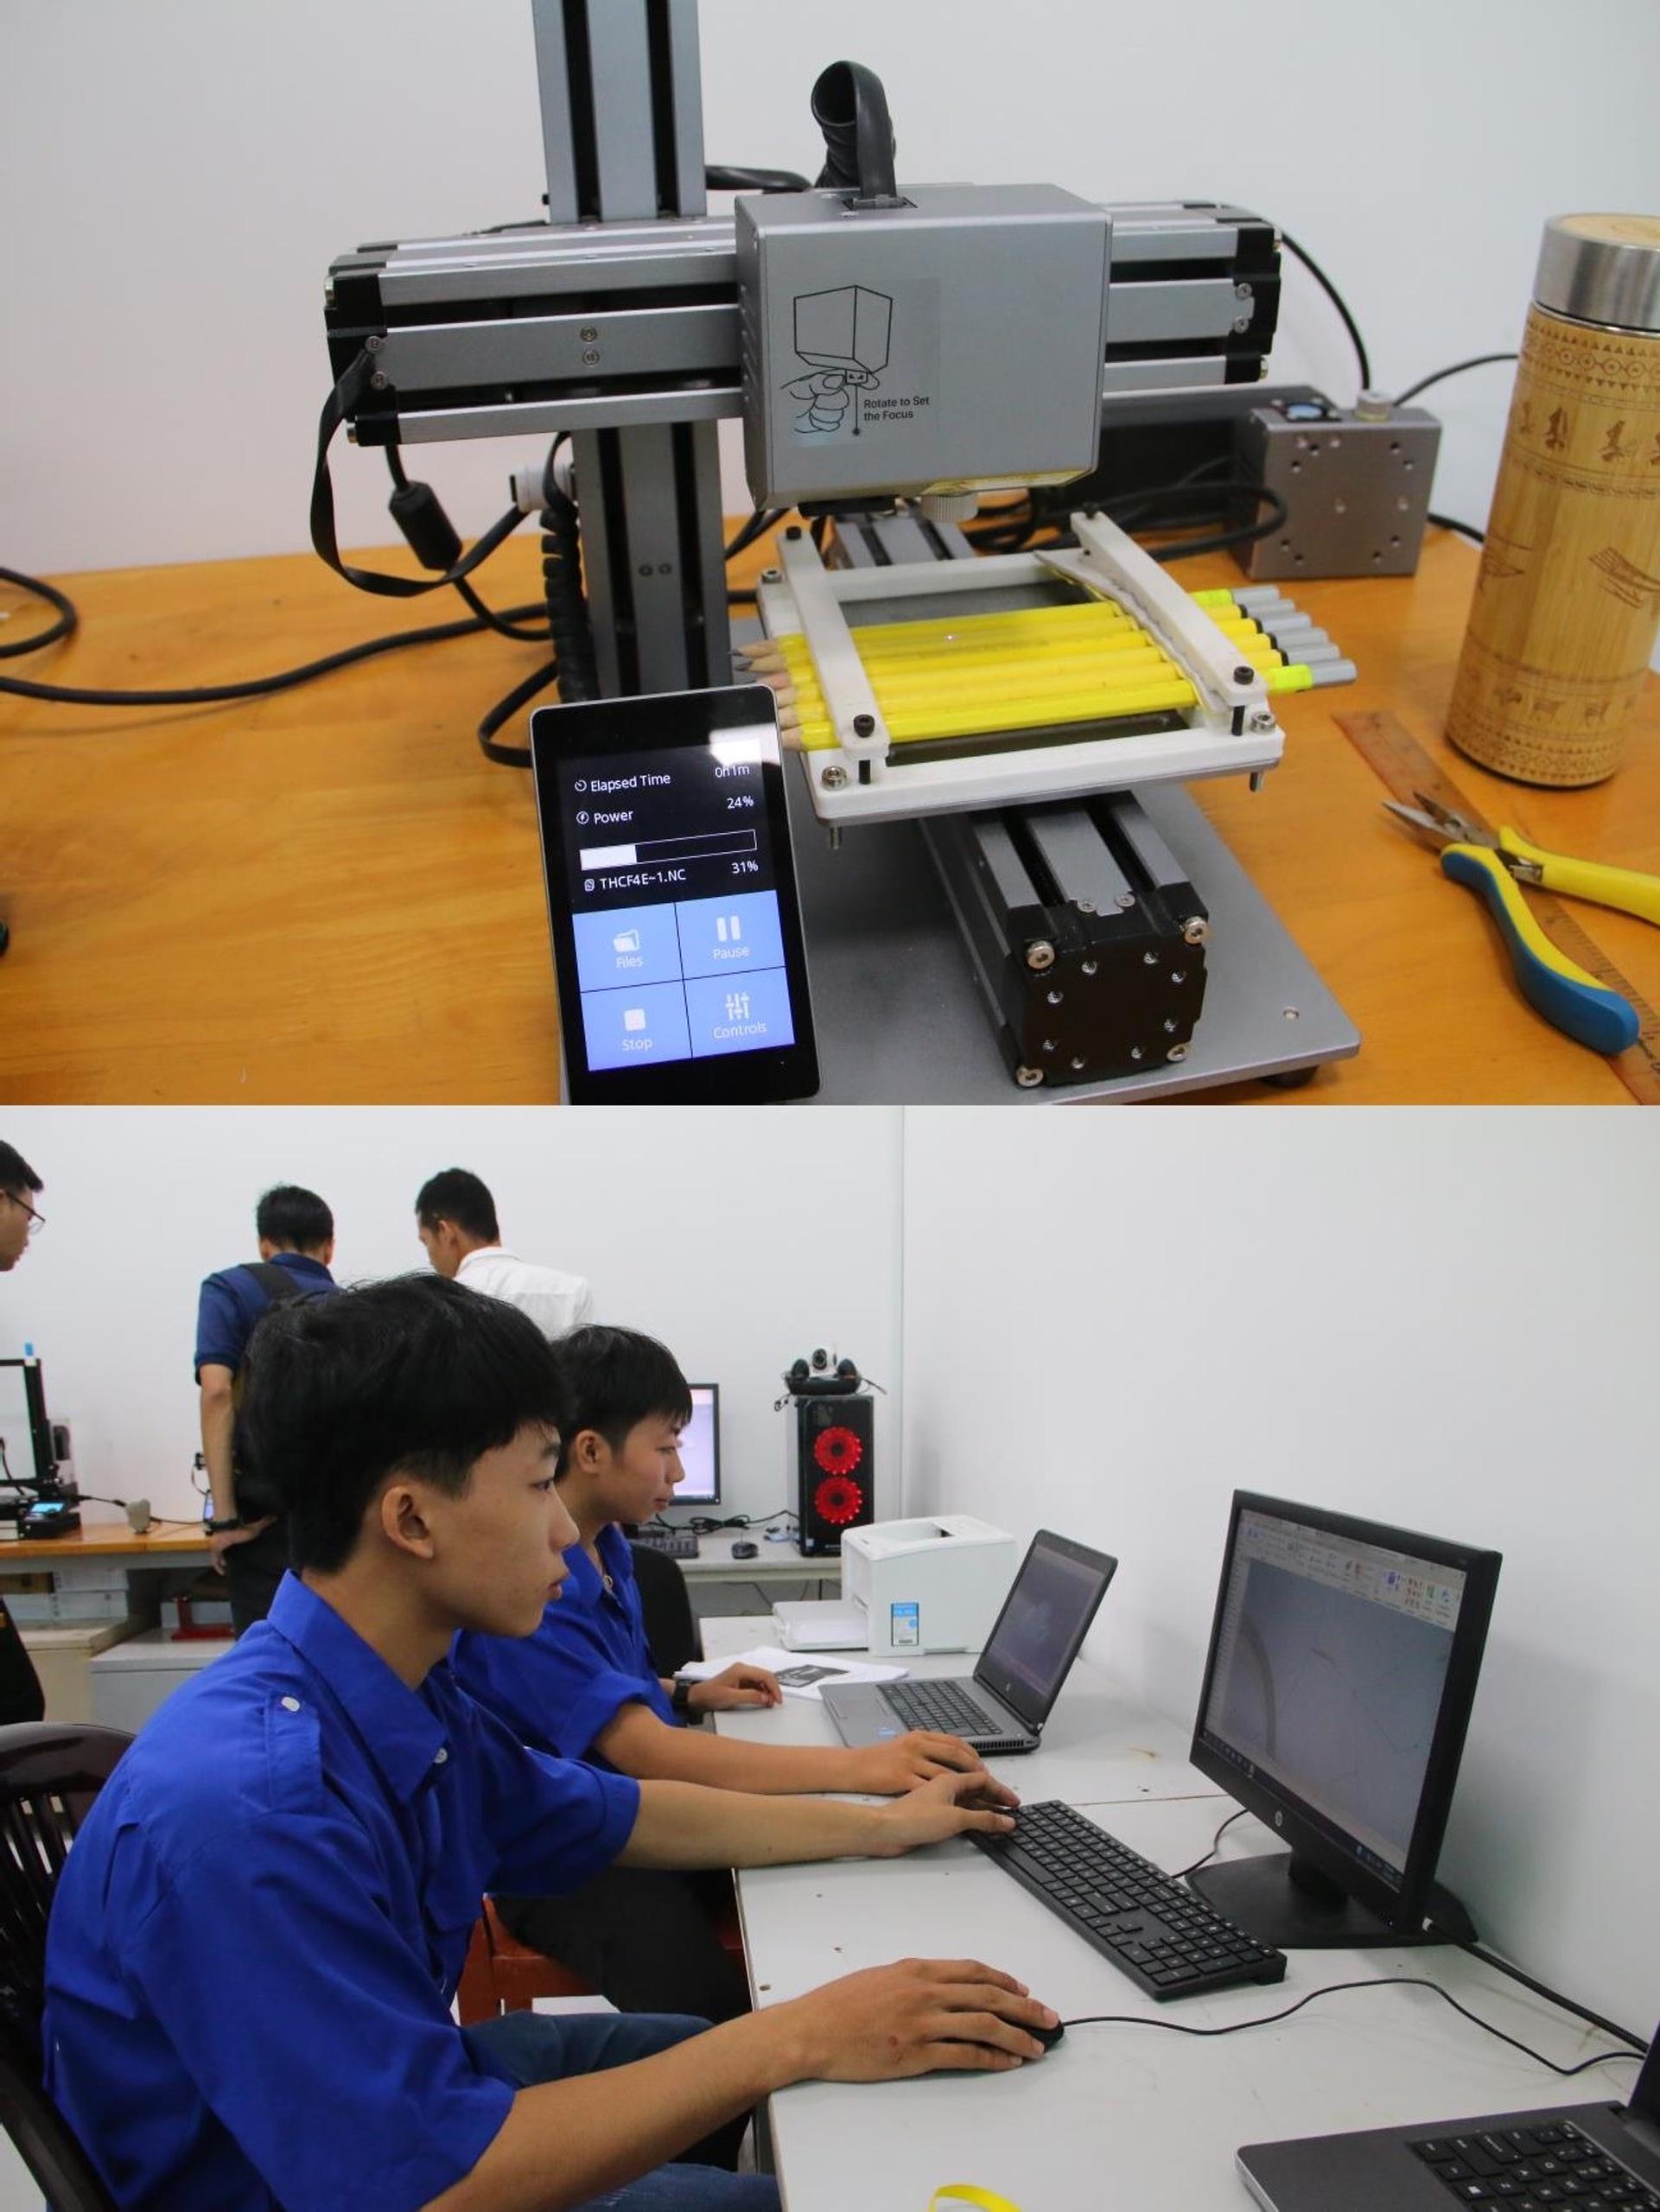 Máy in 3D - Sáng chế của sinh viên TVU.